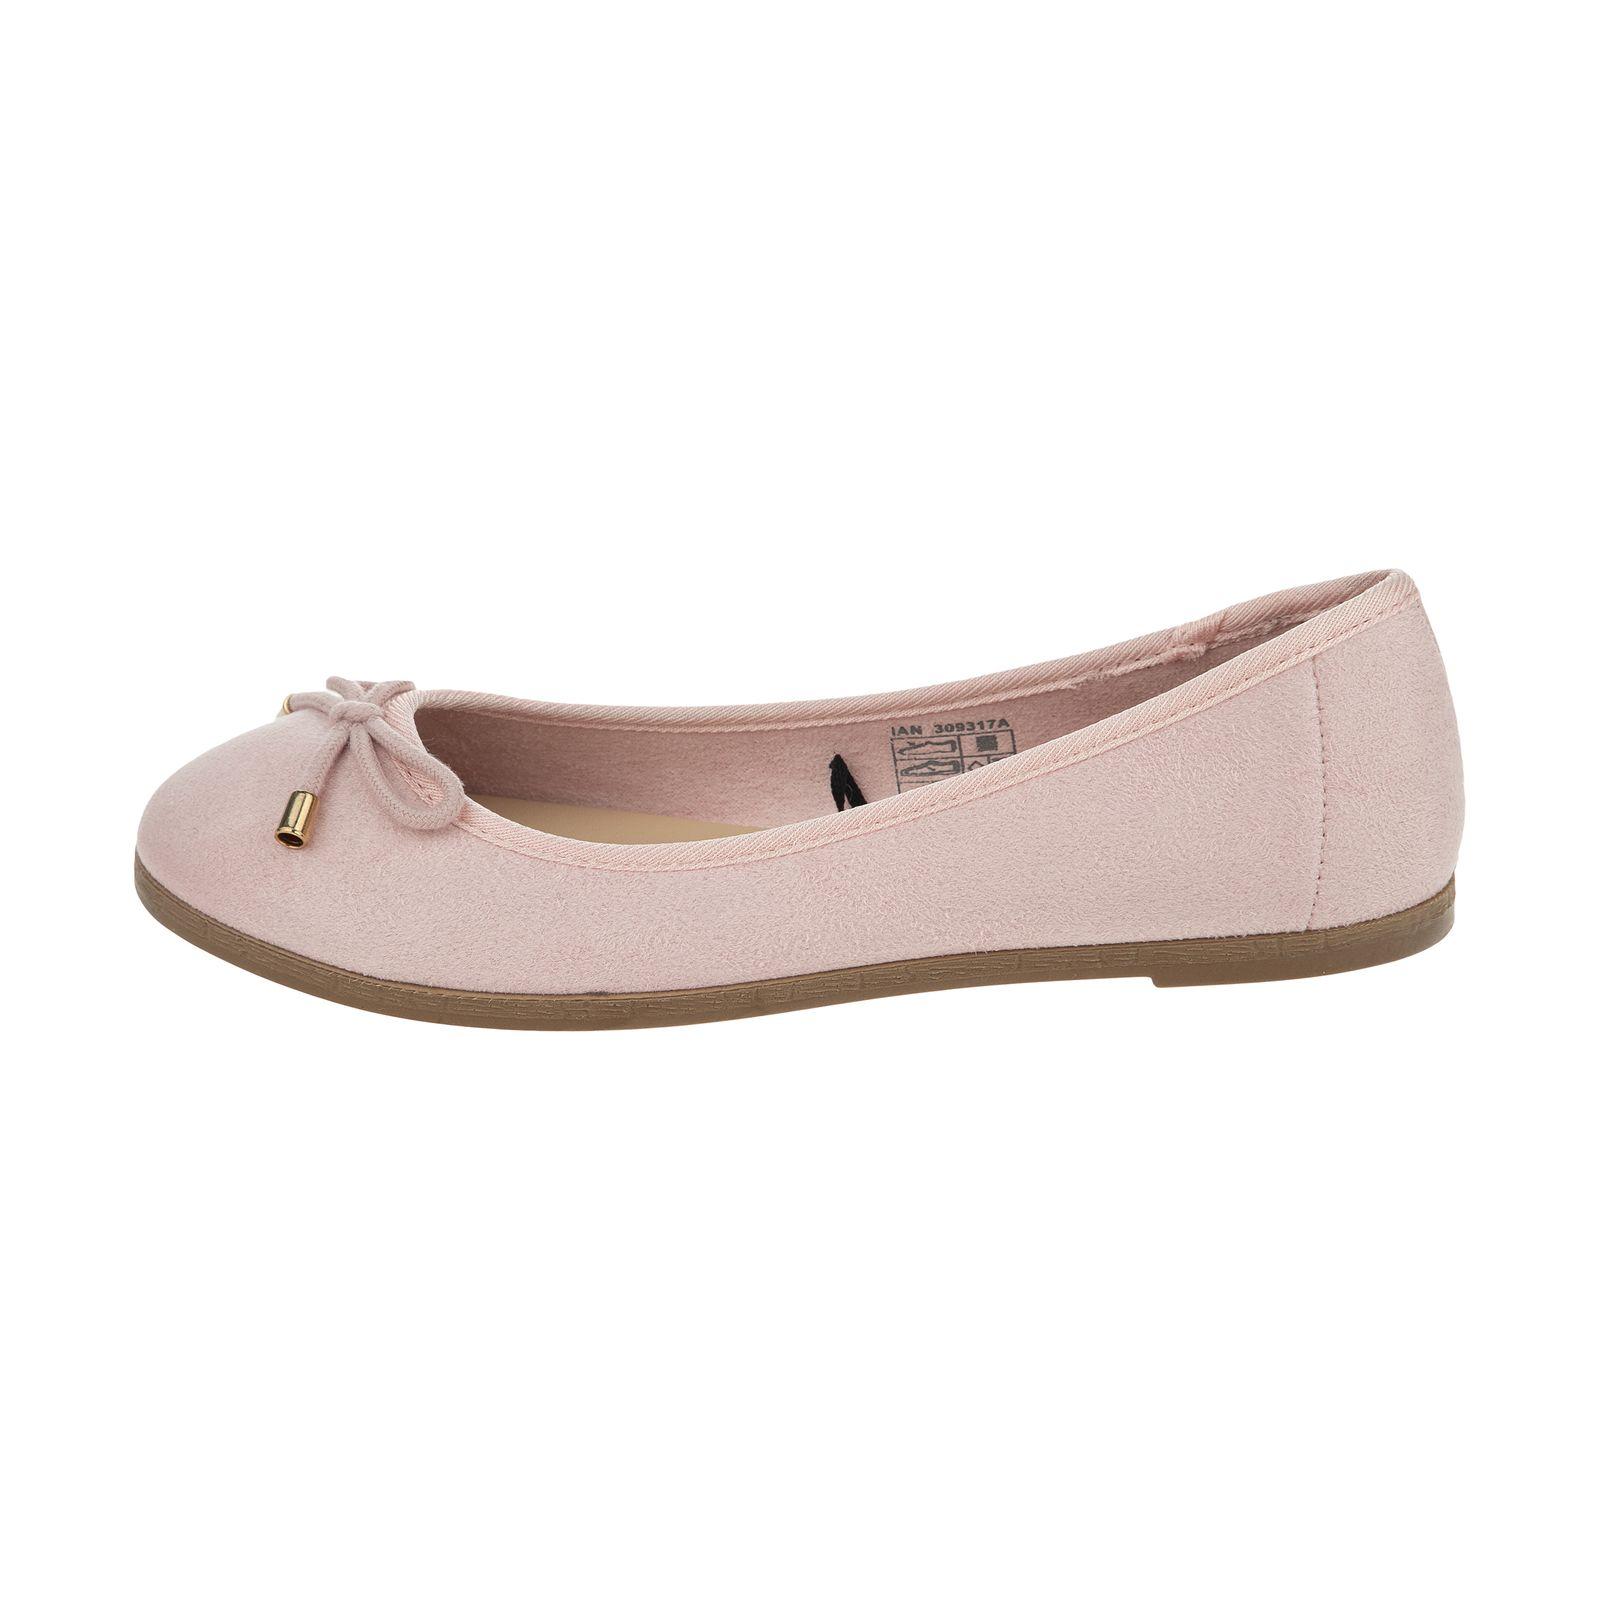 کفش زنانه اسمارا کد Esh05 -  - 2